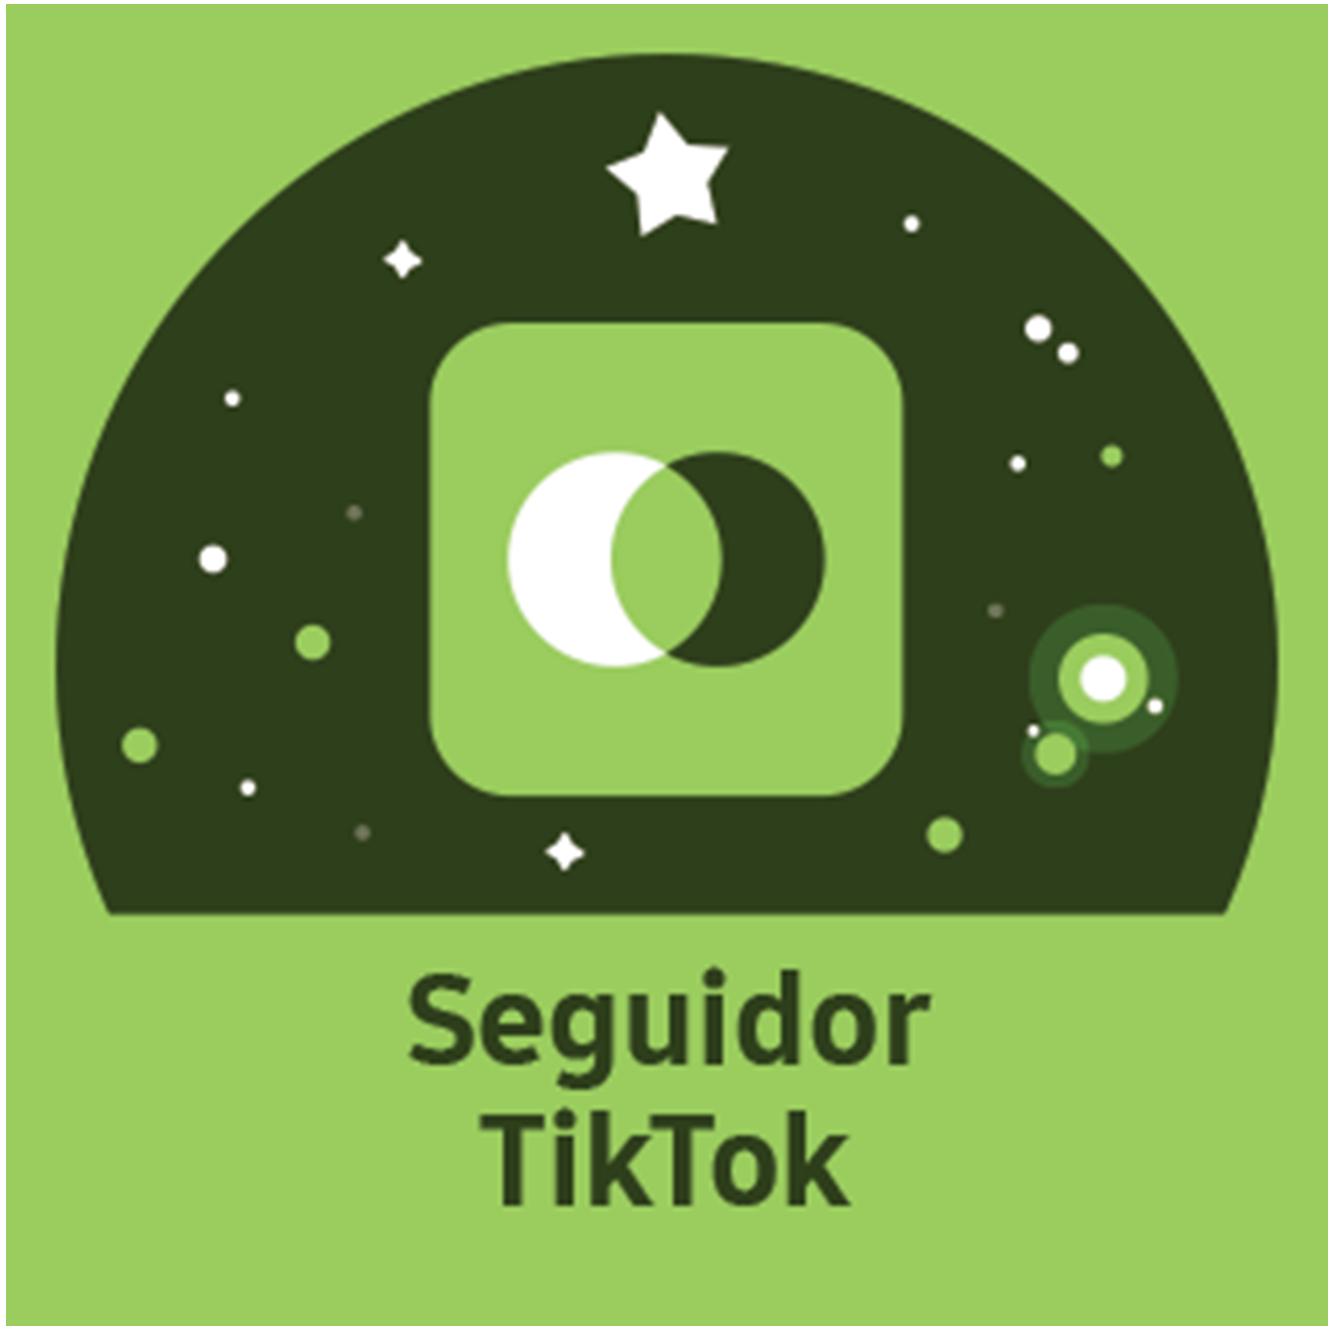 TikTok Follower